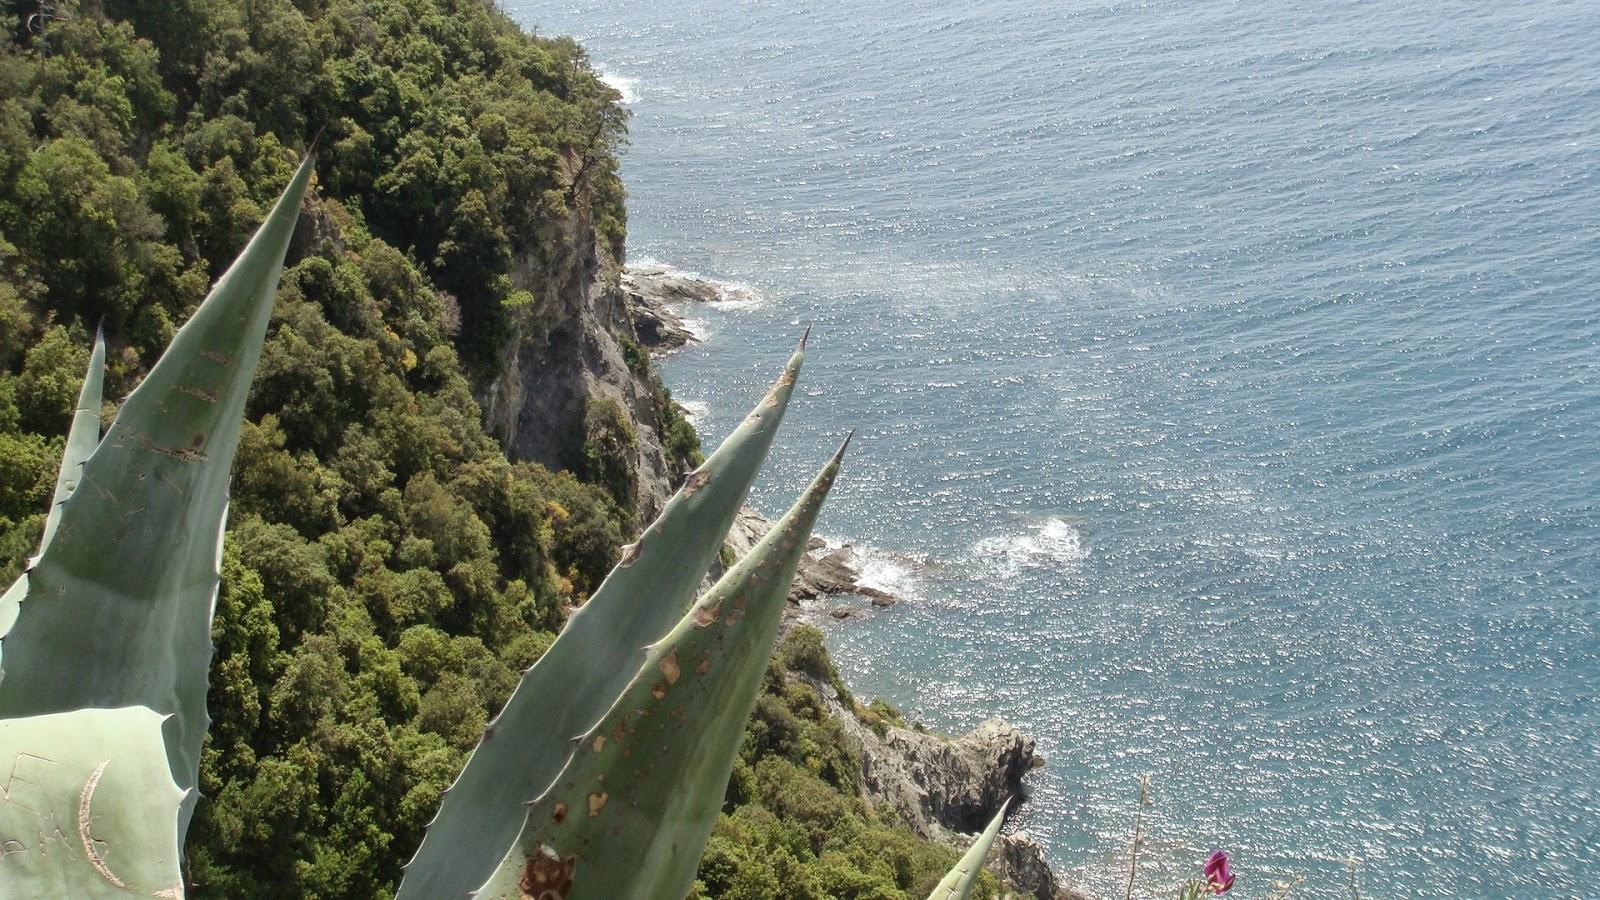 www.italiaansebloemenriviera.nl: No.1 bloemenriviera site! Bekijk het grootste (last minute) aanbod hotels, vakantiehuizen, b&b, agriturismo, appartementen, campings aan de bloemenriviera, Italië